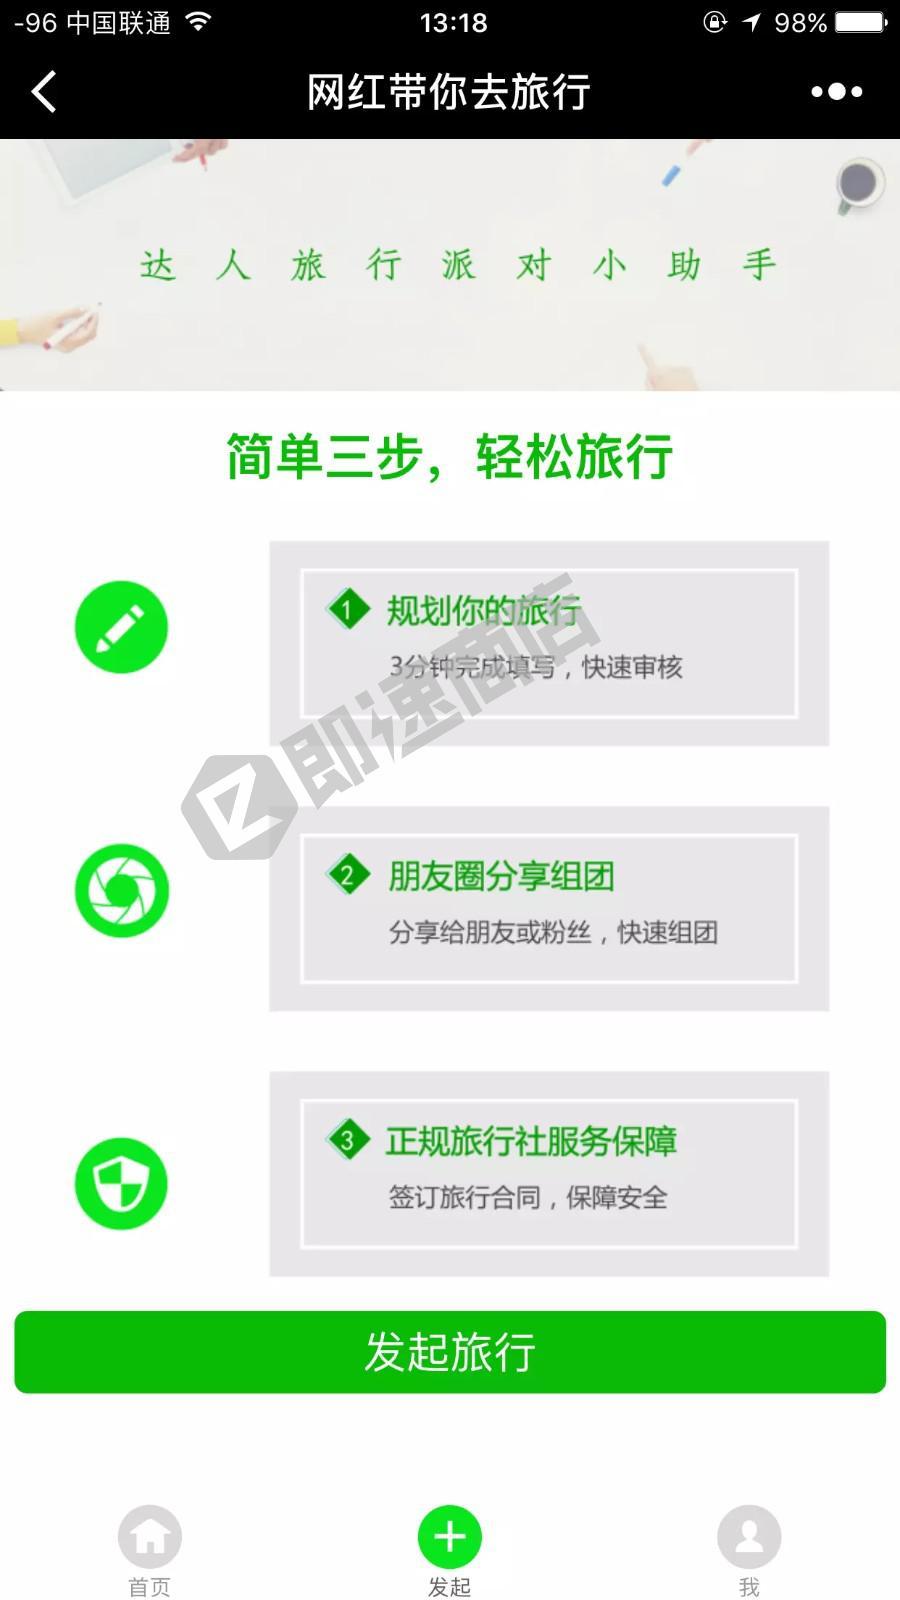 网红旅行团小程序详情页截图